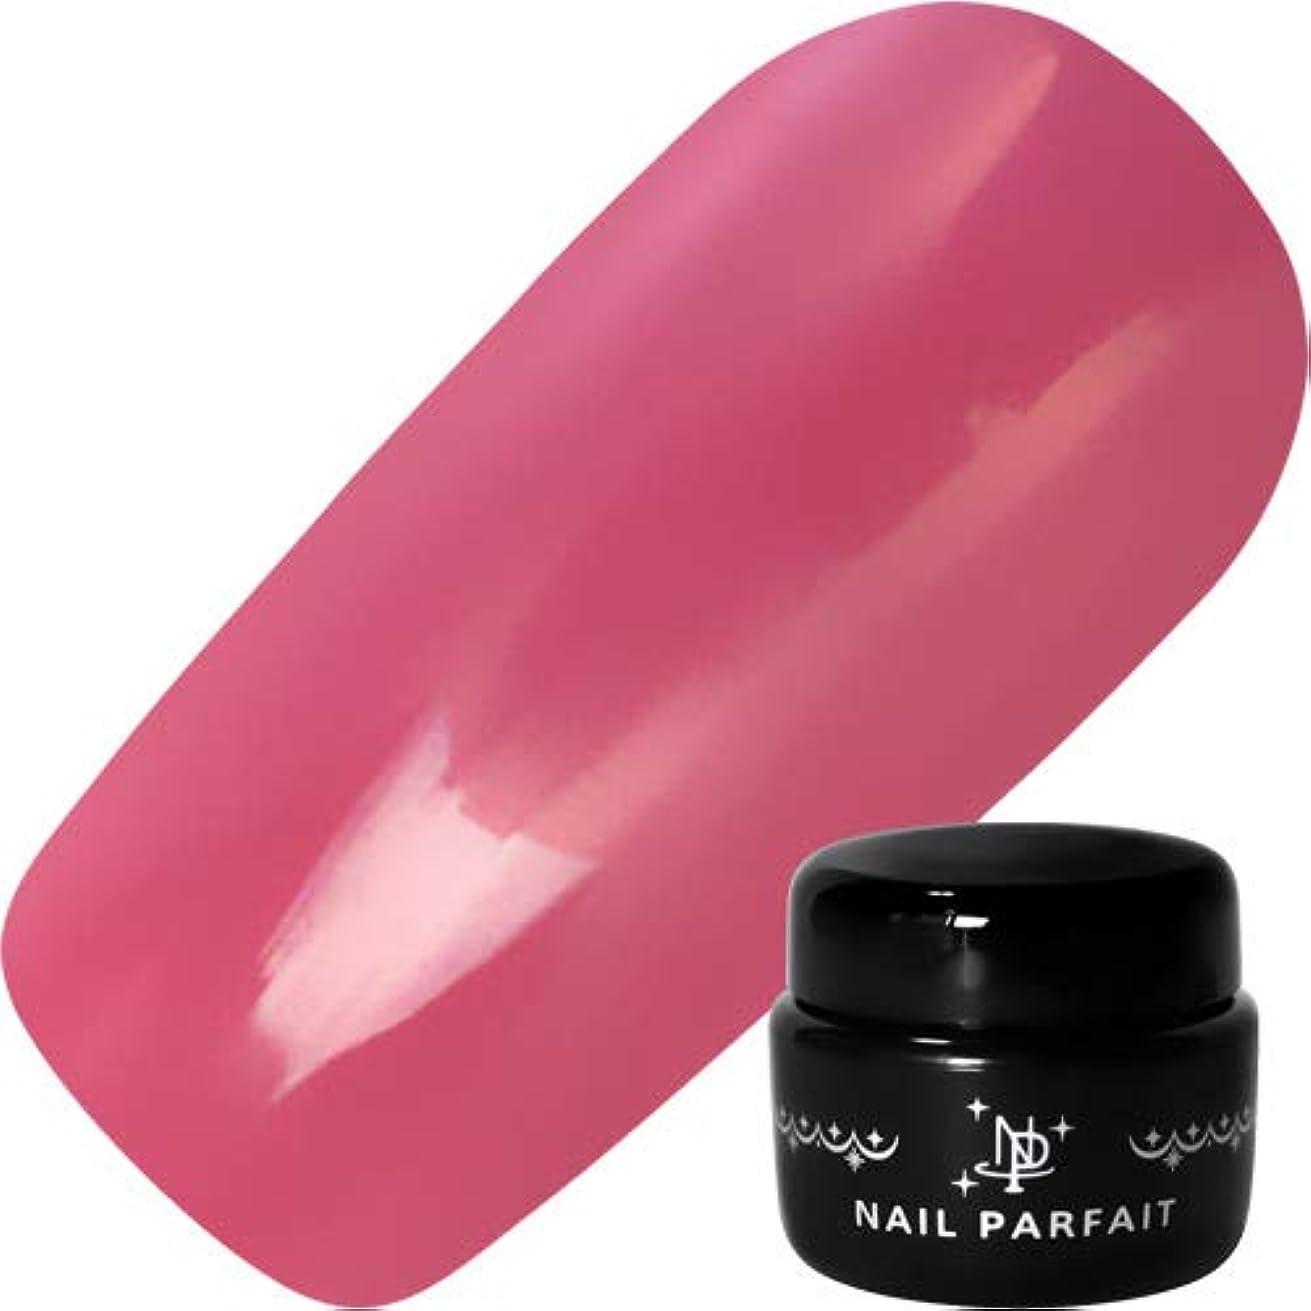 NAIL PARFAIT ネイルパフェ カラージェル A56ローズピンク 2g 【ジェル/カラージェル?ネイル用品】